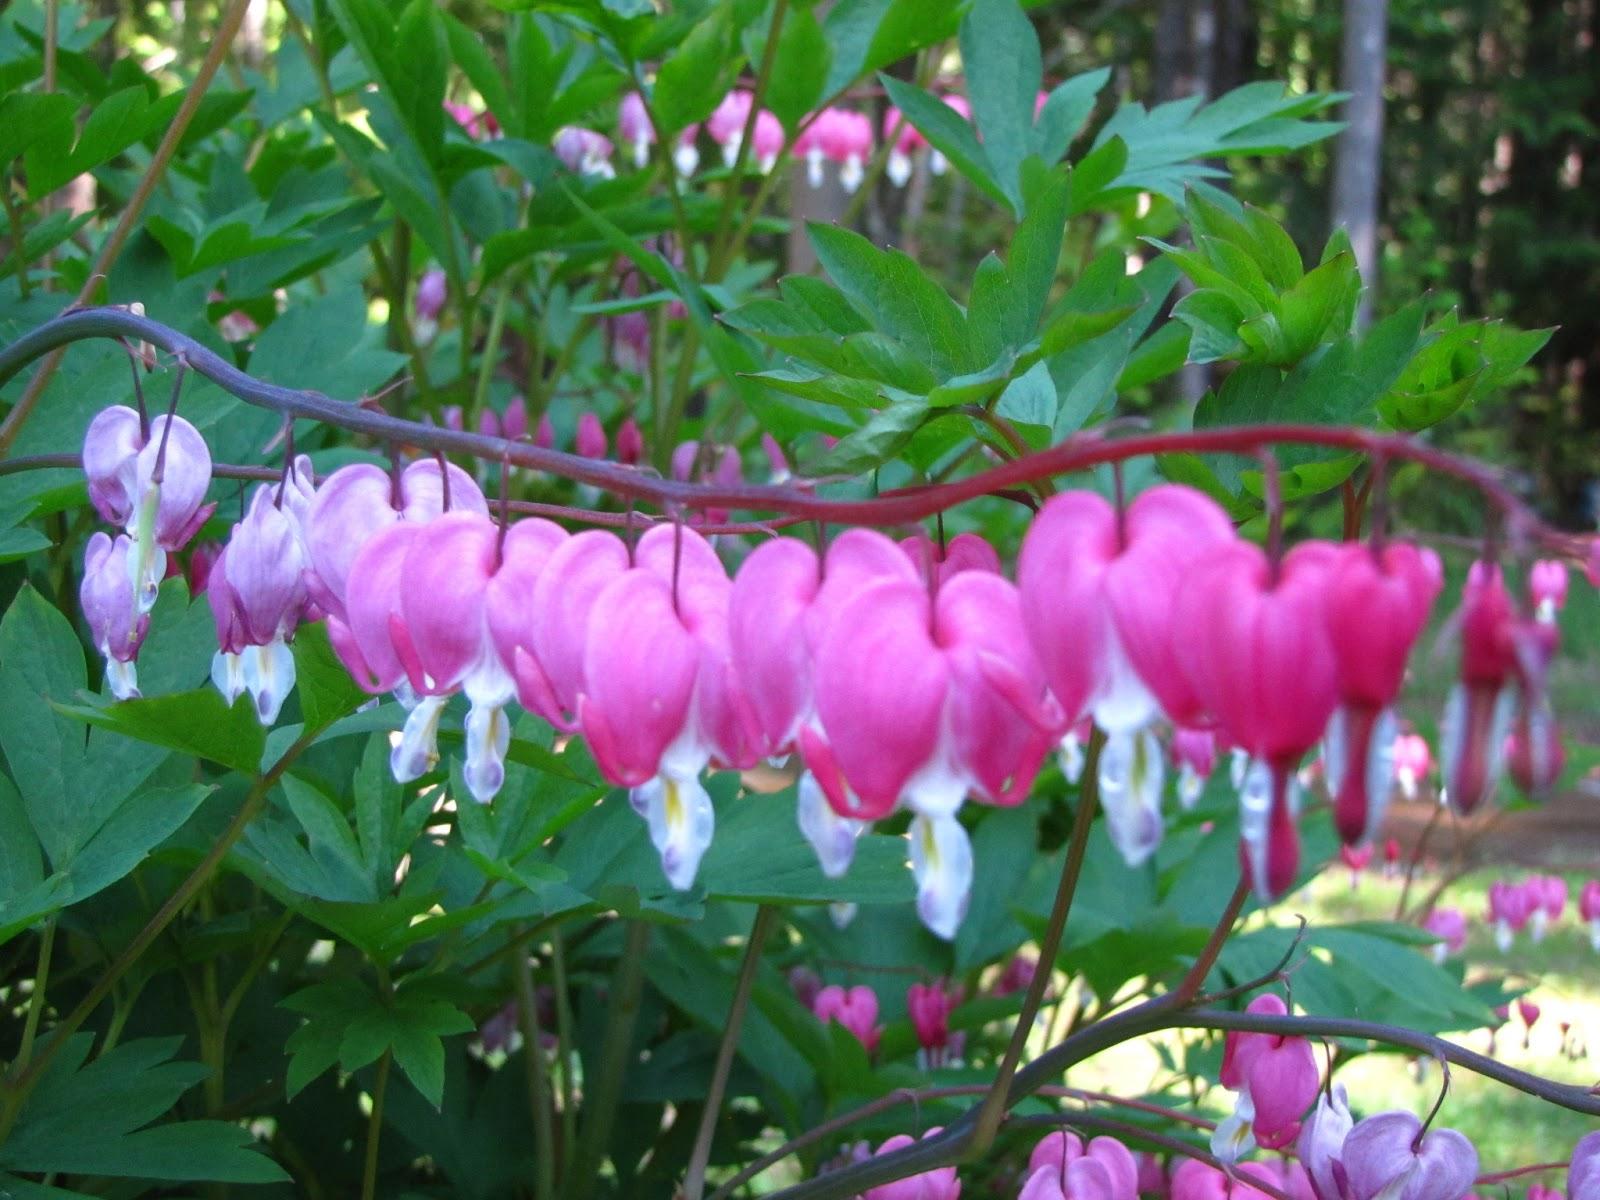 April Flowers Wallpaper Wallpapersafari